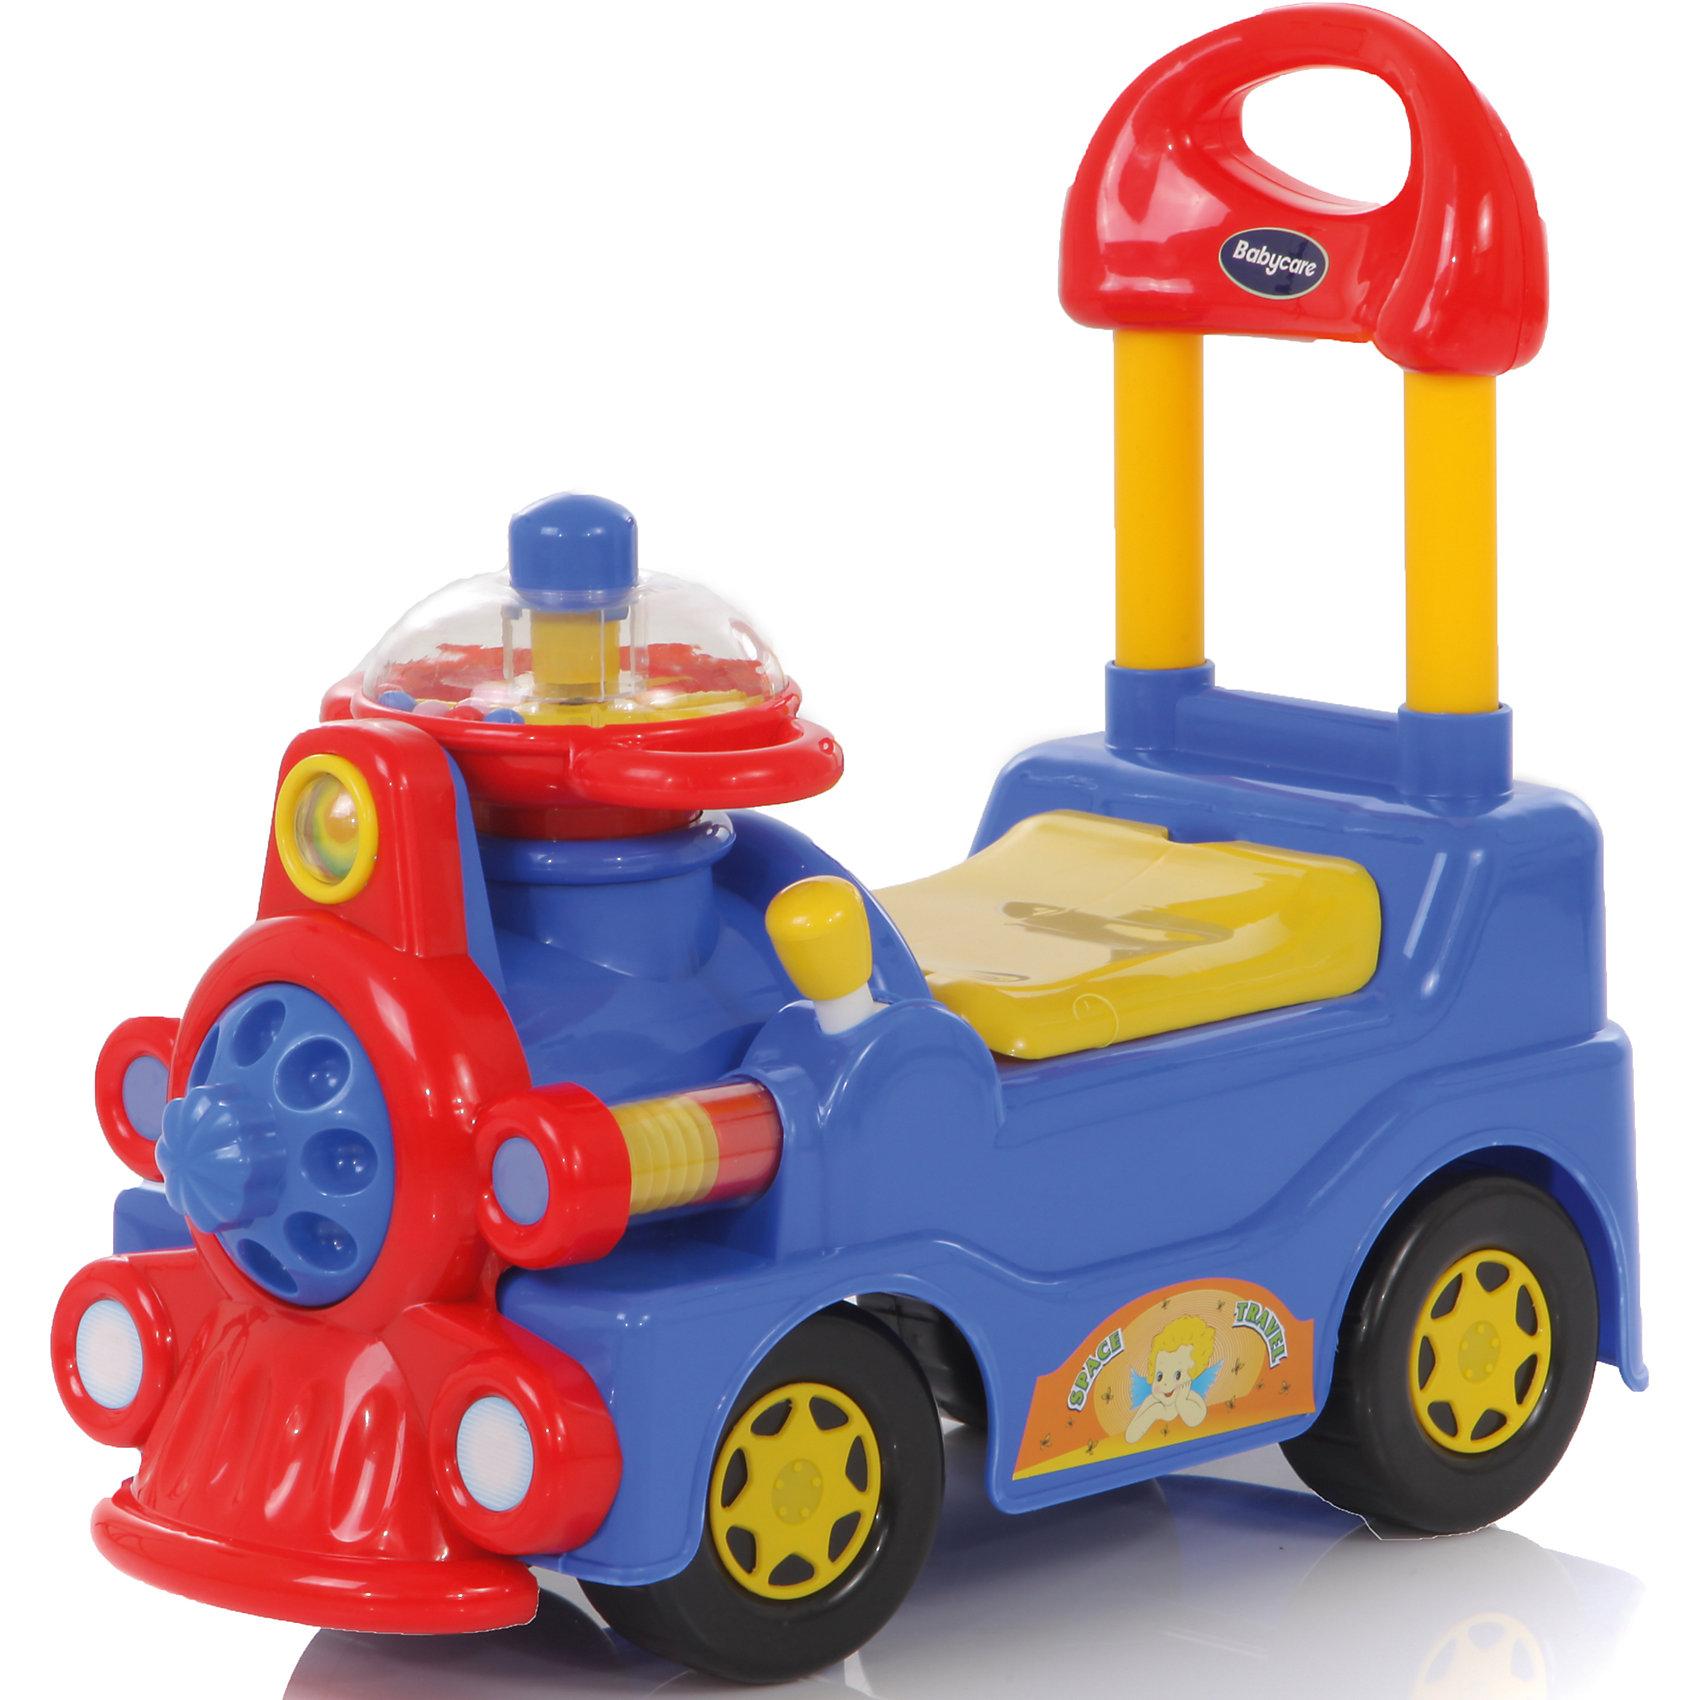 Каталка Train, голубая,  Baby CareХарактеристики:<br><br>• пластиковая каталка легкая и маневренная;<br>• каталка оснащена высокой спинкой и удобным рулем;<br>• поворот руля поворачивает передние колеса каталки;<br>• сиденье поднимается, под сиденьем имеется багажник-углубление для игрушек;<br>• колеса пластиковые;<br>• допустимый вес ребенка: до 30 кг;<br>• размер каталки: 57х27х51;<br>• вес каталки: 3 кг.<br><br>Детская каталка для малышей пригодится на улице во время подвижных игр, поможет компактно сложить игрушки в «багажник», научит малыша координировать свои движения. <br><br>Каталку Train, голубую, Baby Care можно купить в нашем интернет-магазине.<br><br>Ширина мм: 570<br>Глубина мм: 270<br>Высота мм: 510<br>Вес г: 3000<br>Возраст от месяцев: 12<br>Возраст до месяцев: 48<br>Пол: Унисекс<br>Возраст: Детский<br>SKU: 3992534